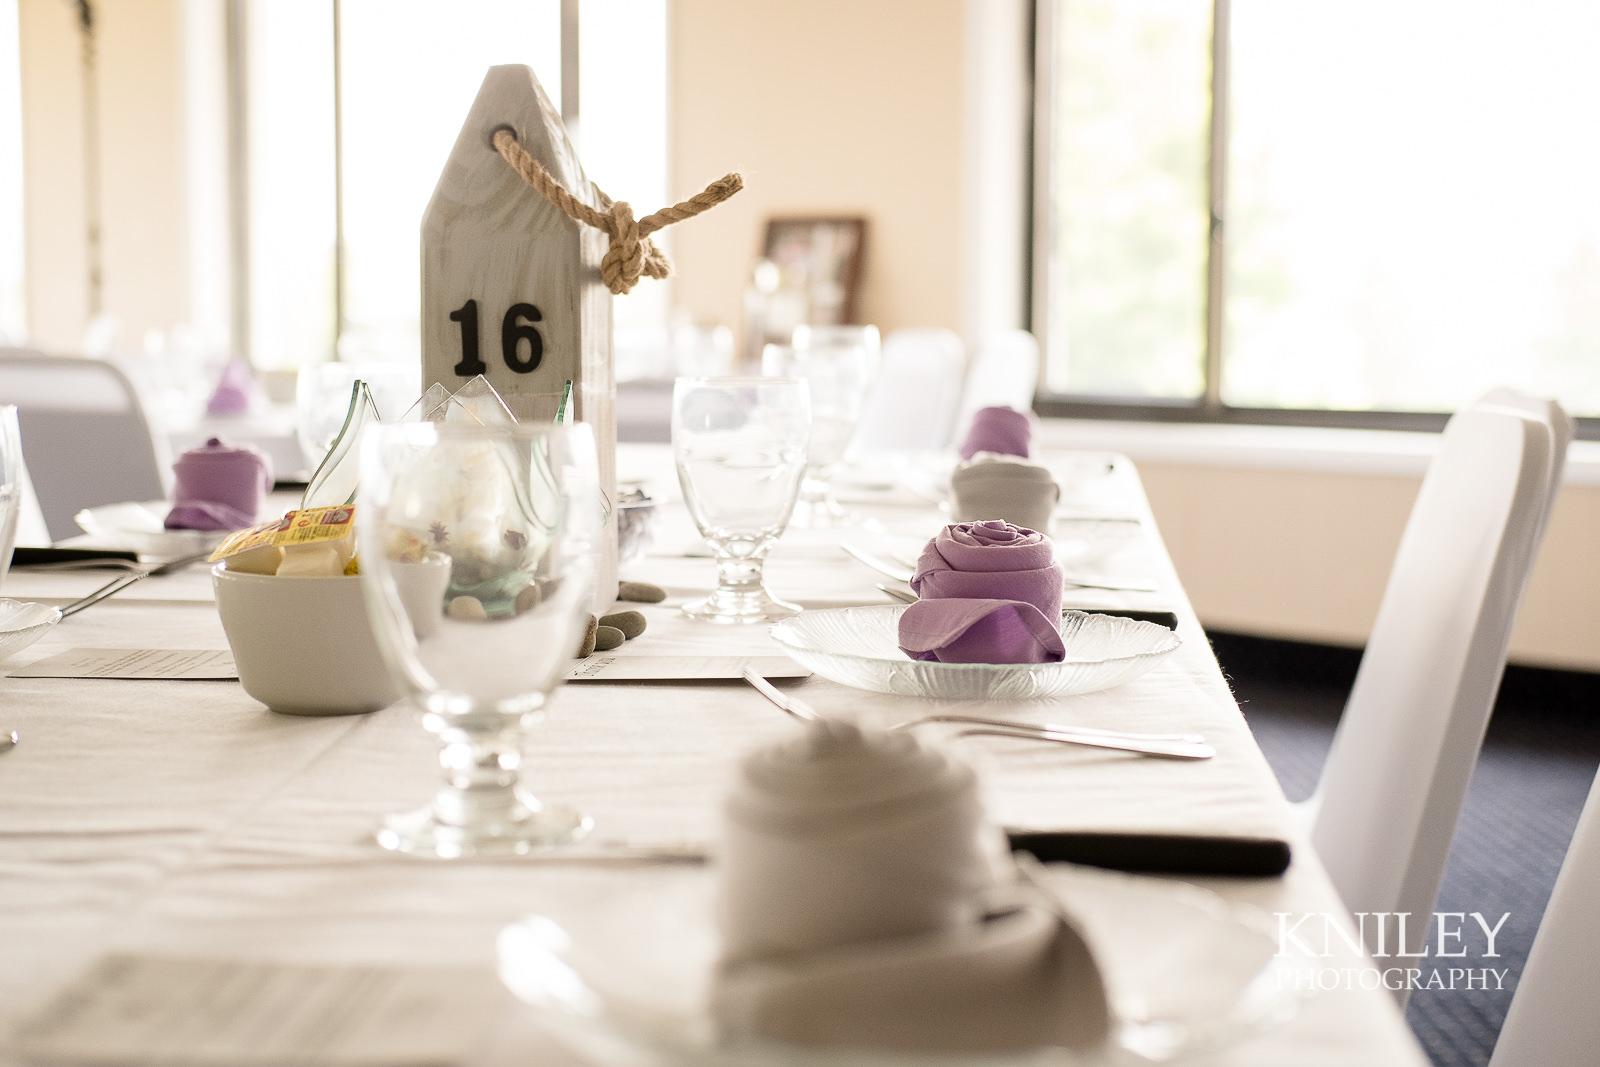 044 - Sodus Bay Heights Golf Club Wedding Pictures -XT2A3693.jpg